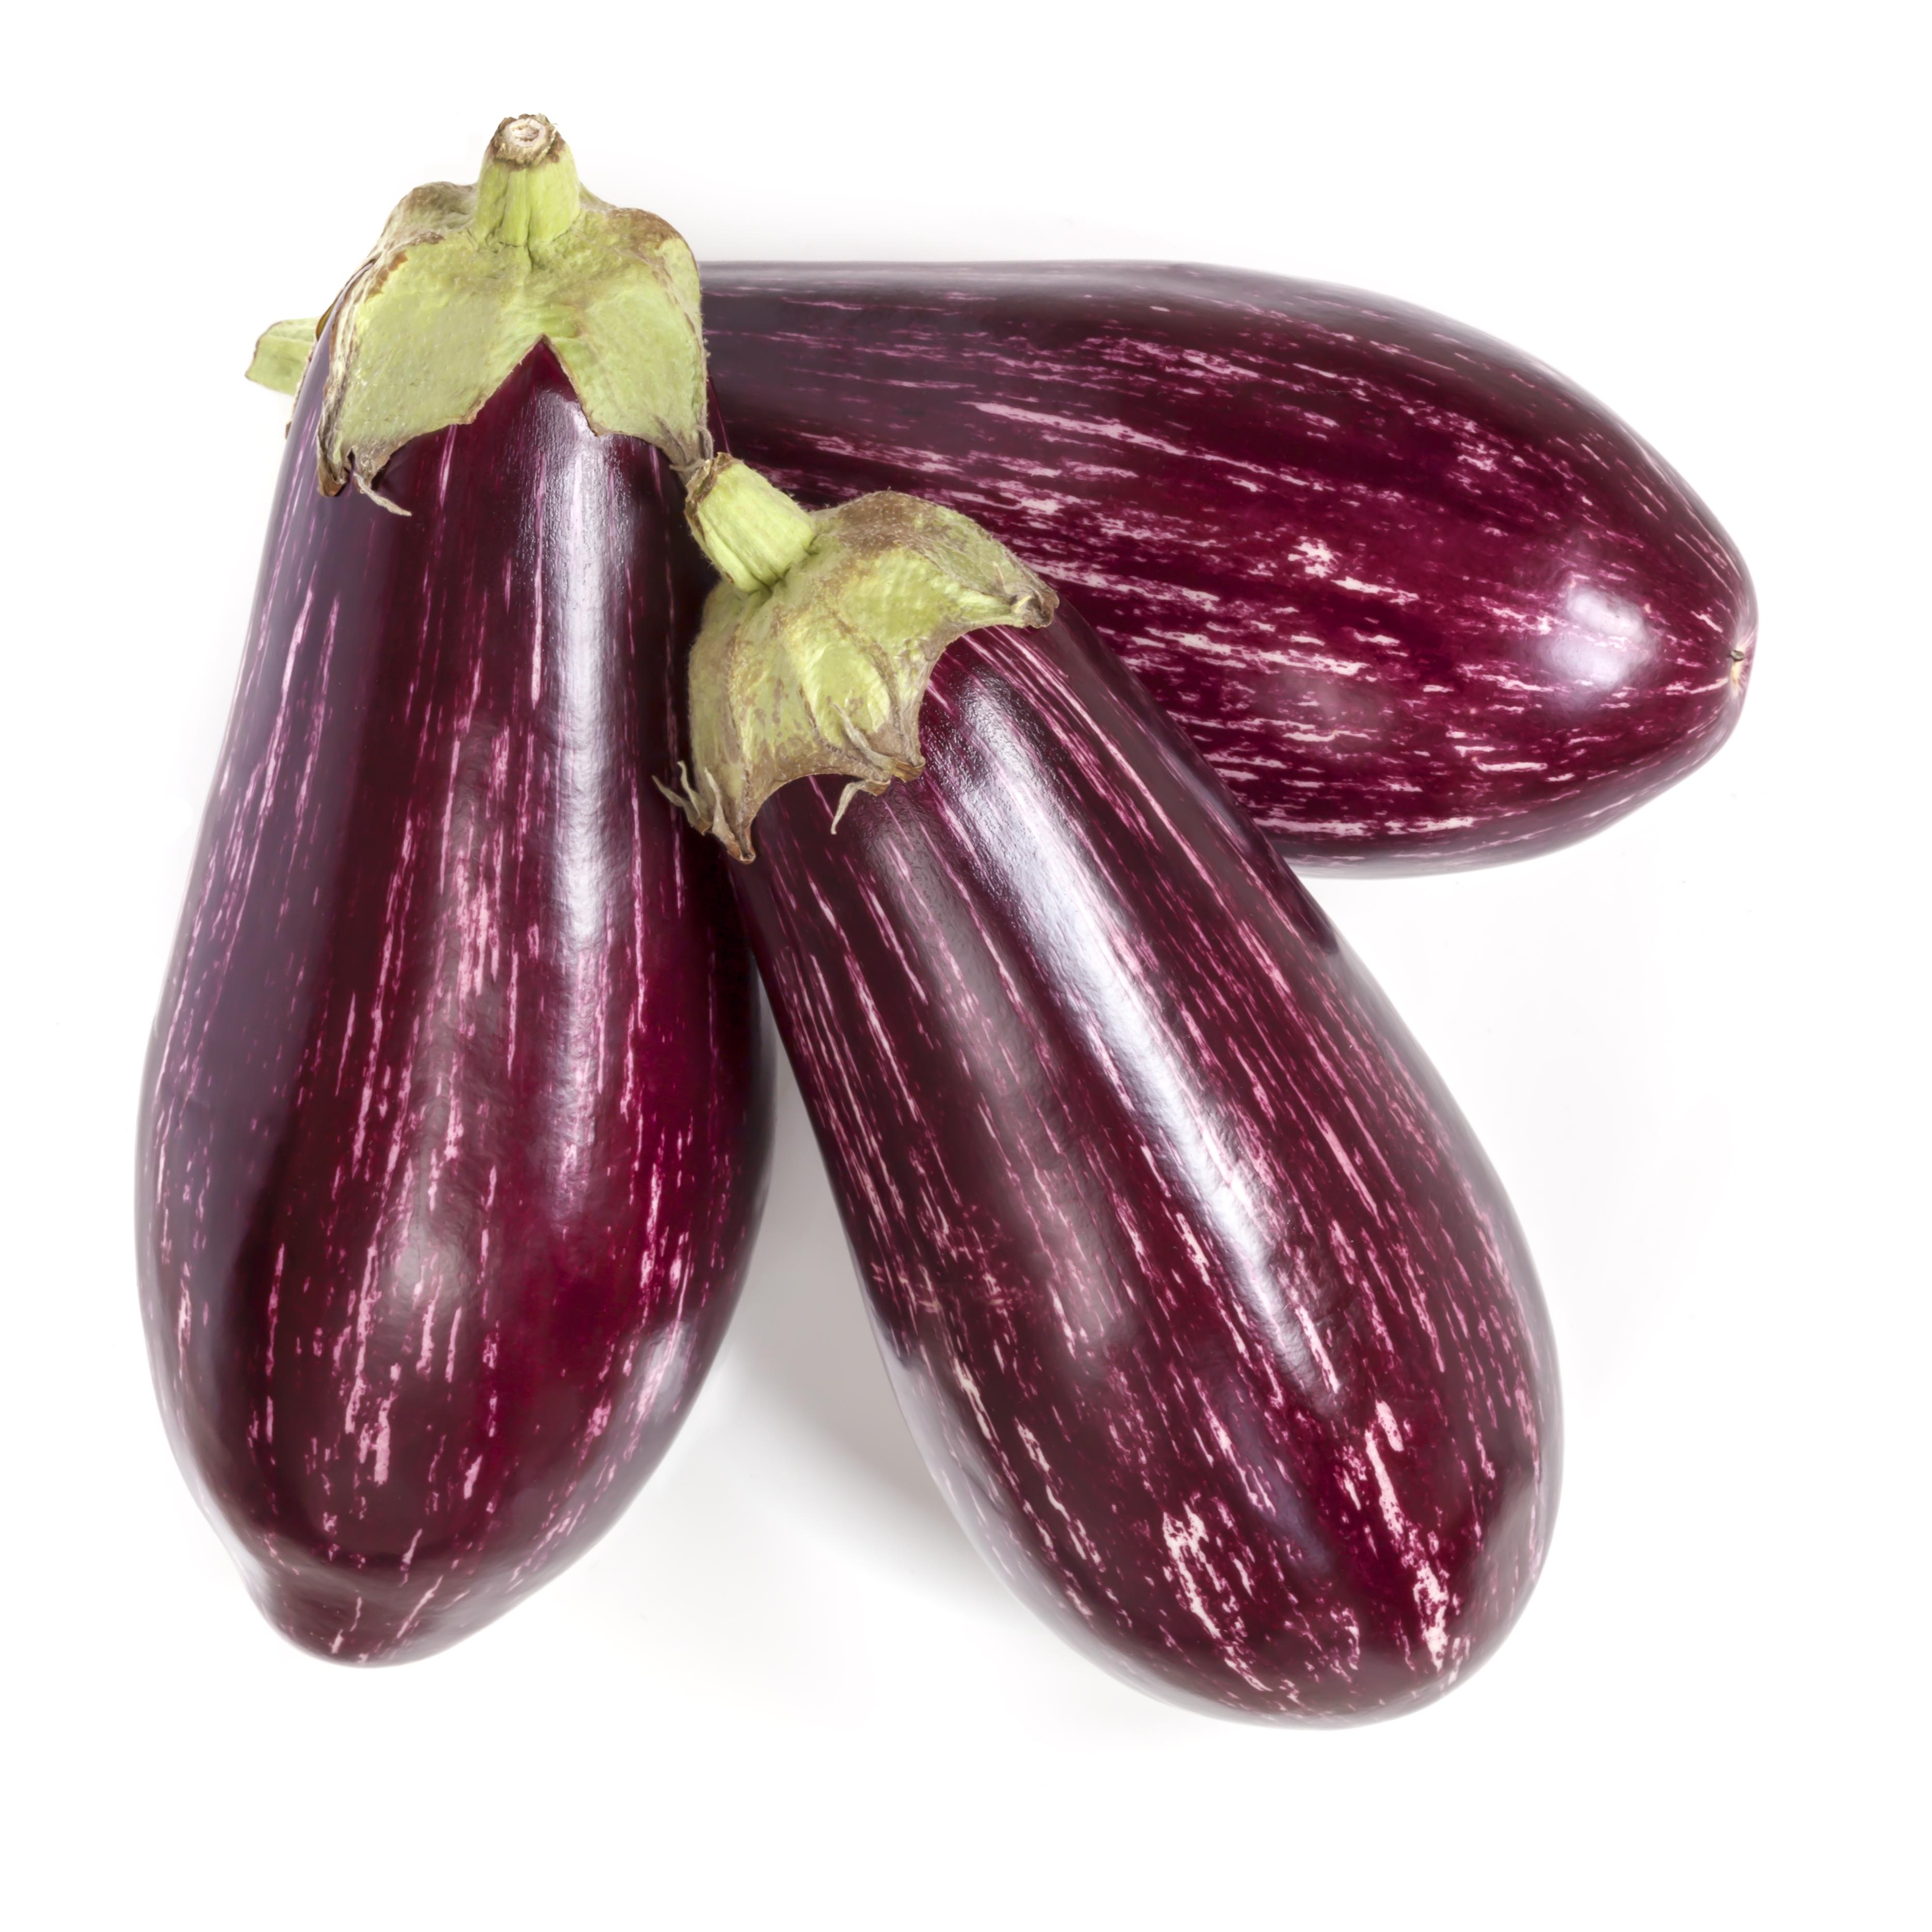 Glänzende violett-weiß-gestreifte Bio-Auberginen der Sorte 'Angela'